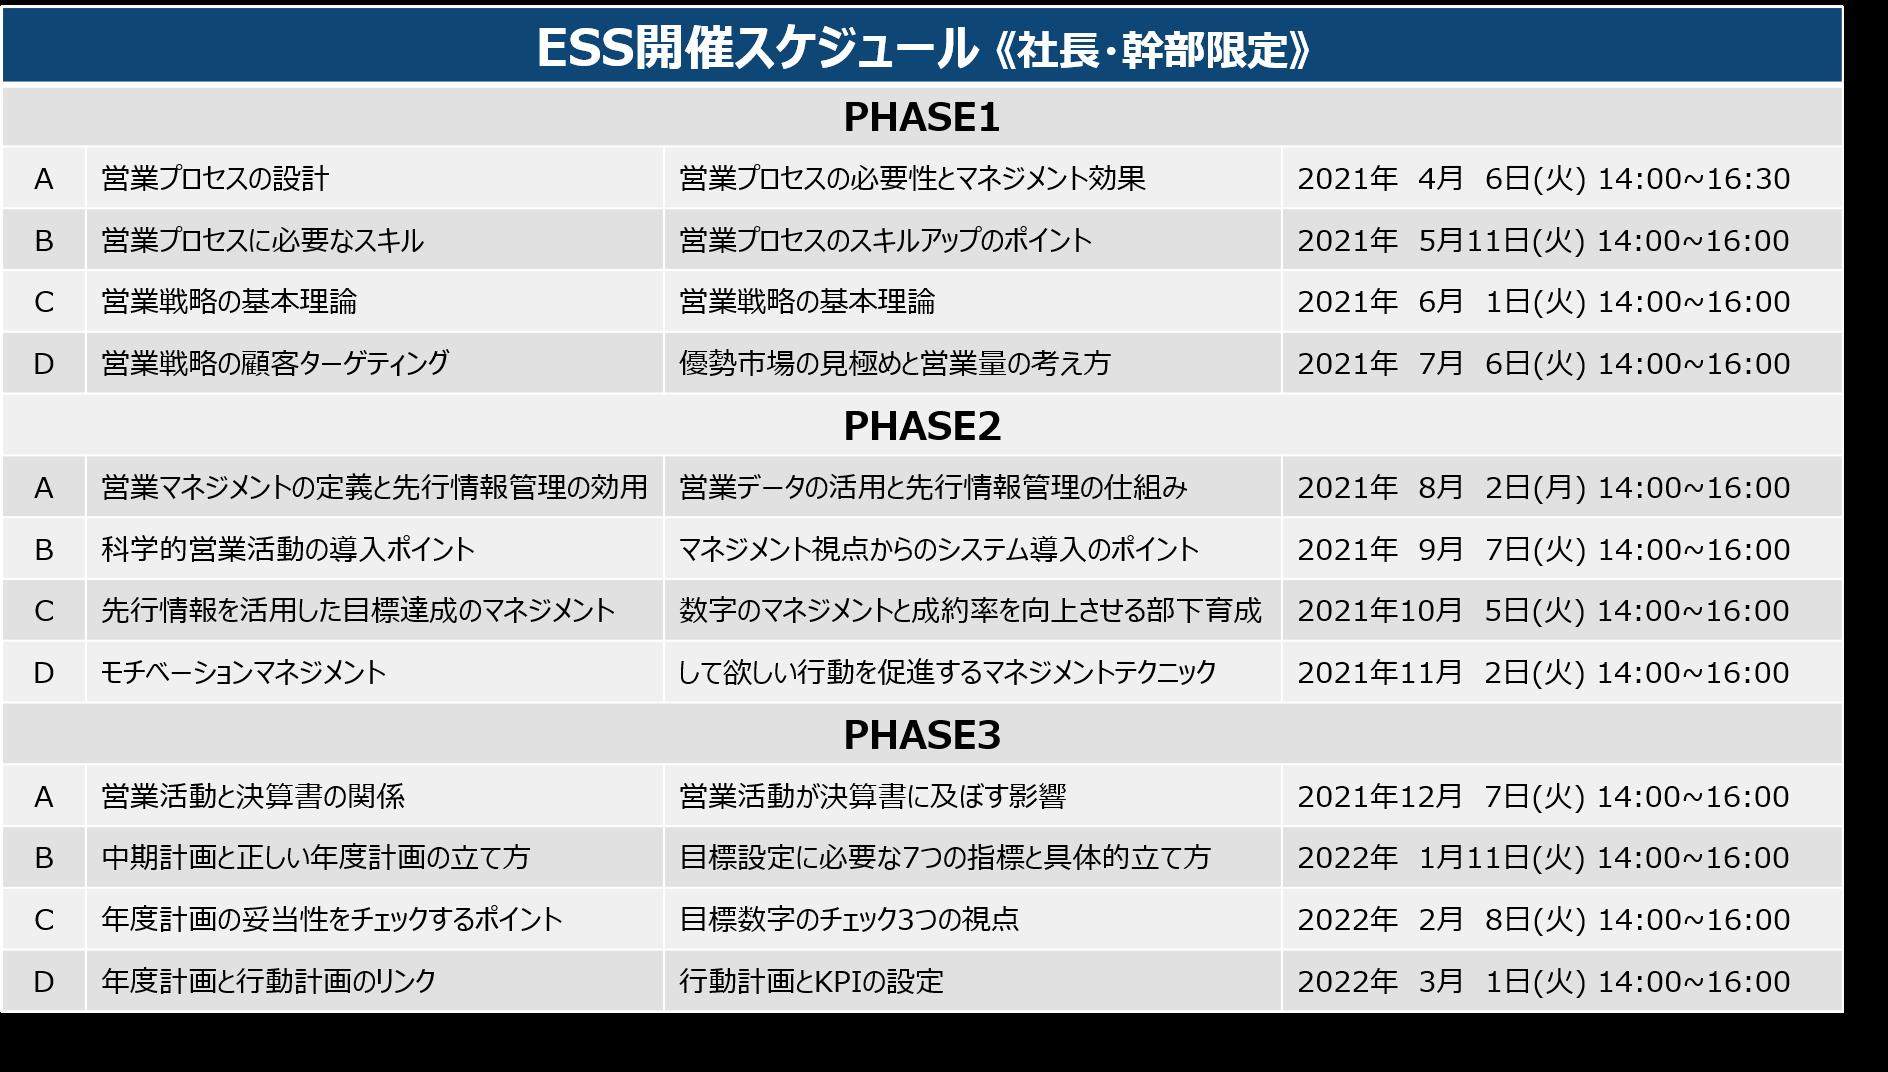 ESS開催スケジュール